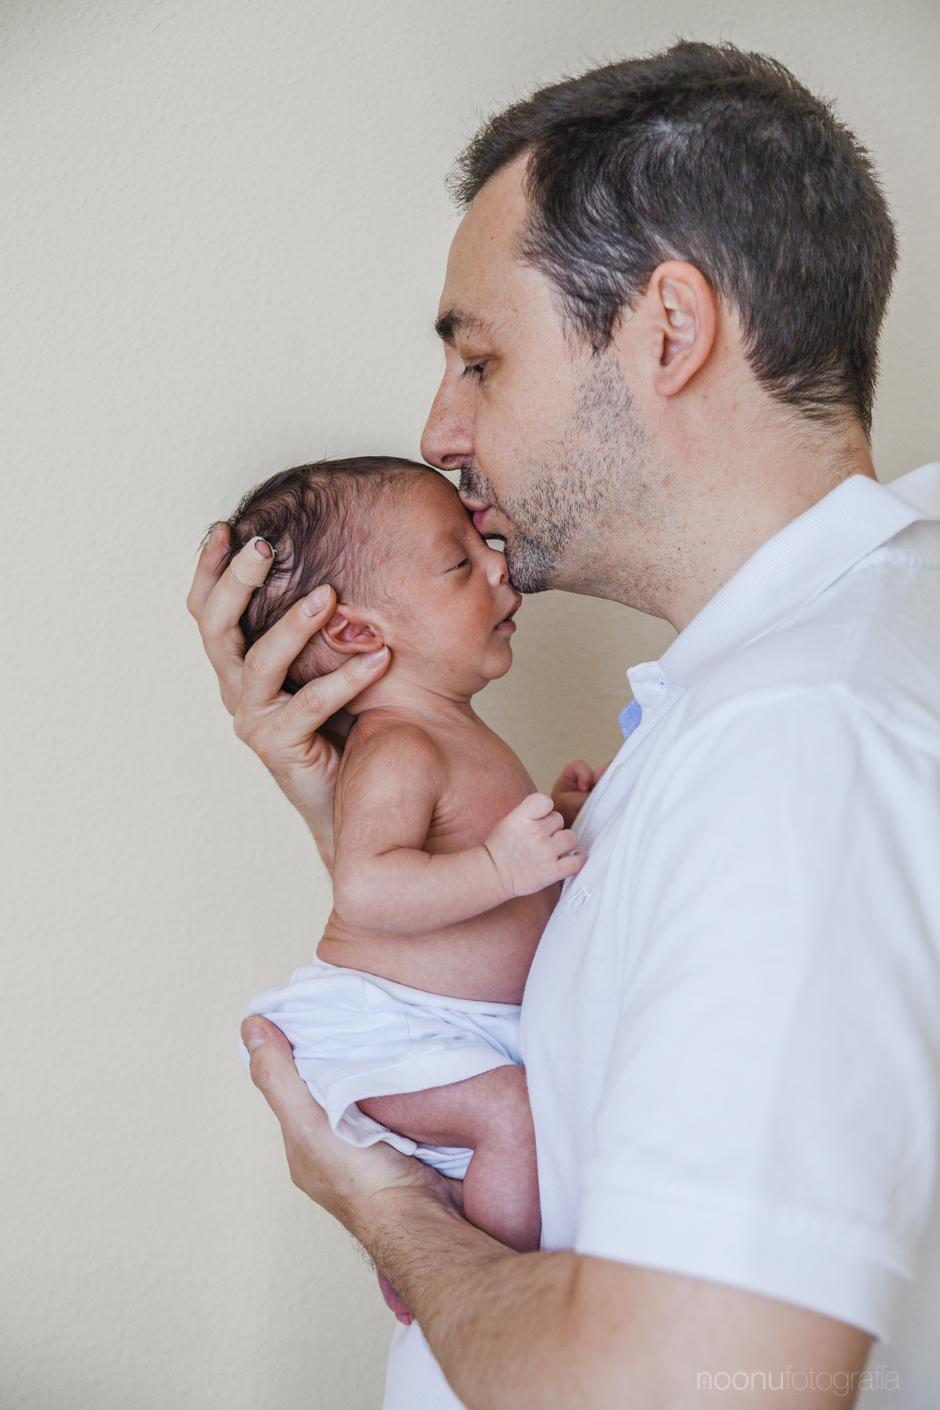 Noonu-fotografo-de-bebes-madrid-mellizos7